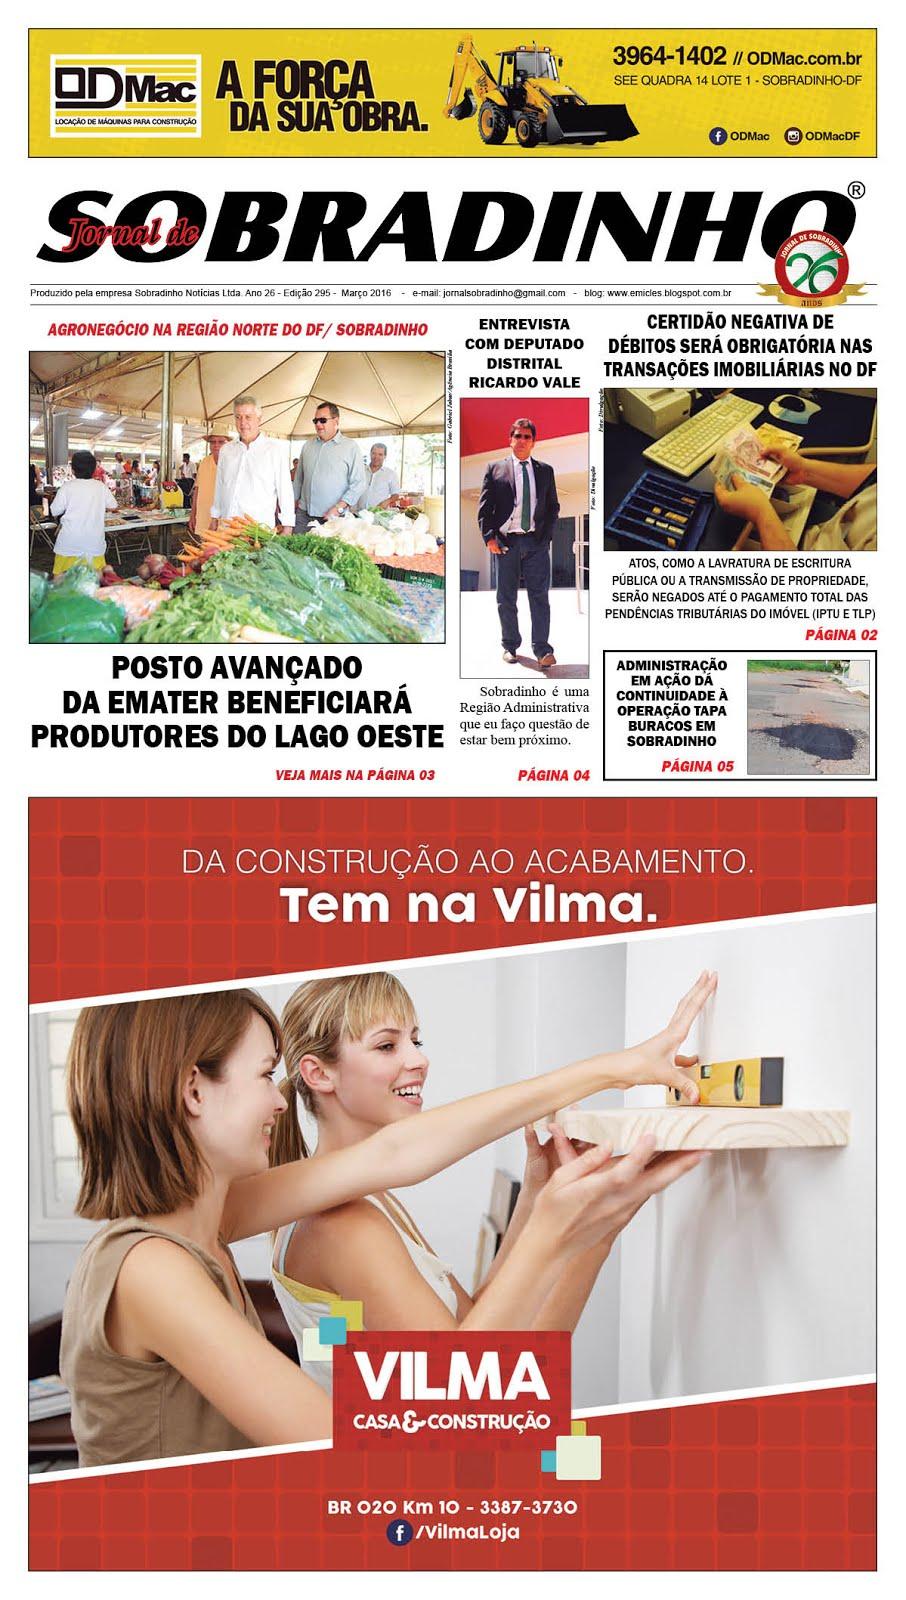 JORNAL VIRTUAL - MARÇO de 2016 - ED 295 - 2ª quinzena